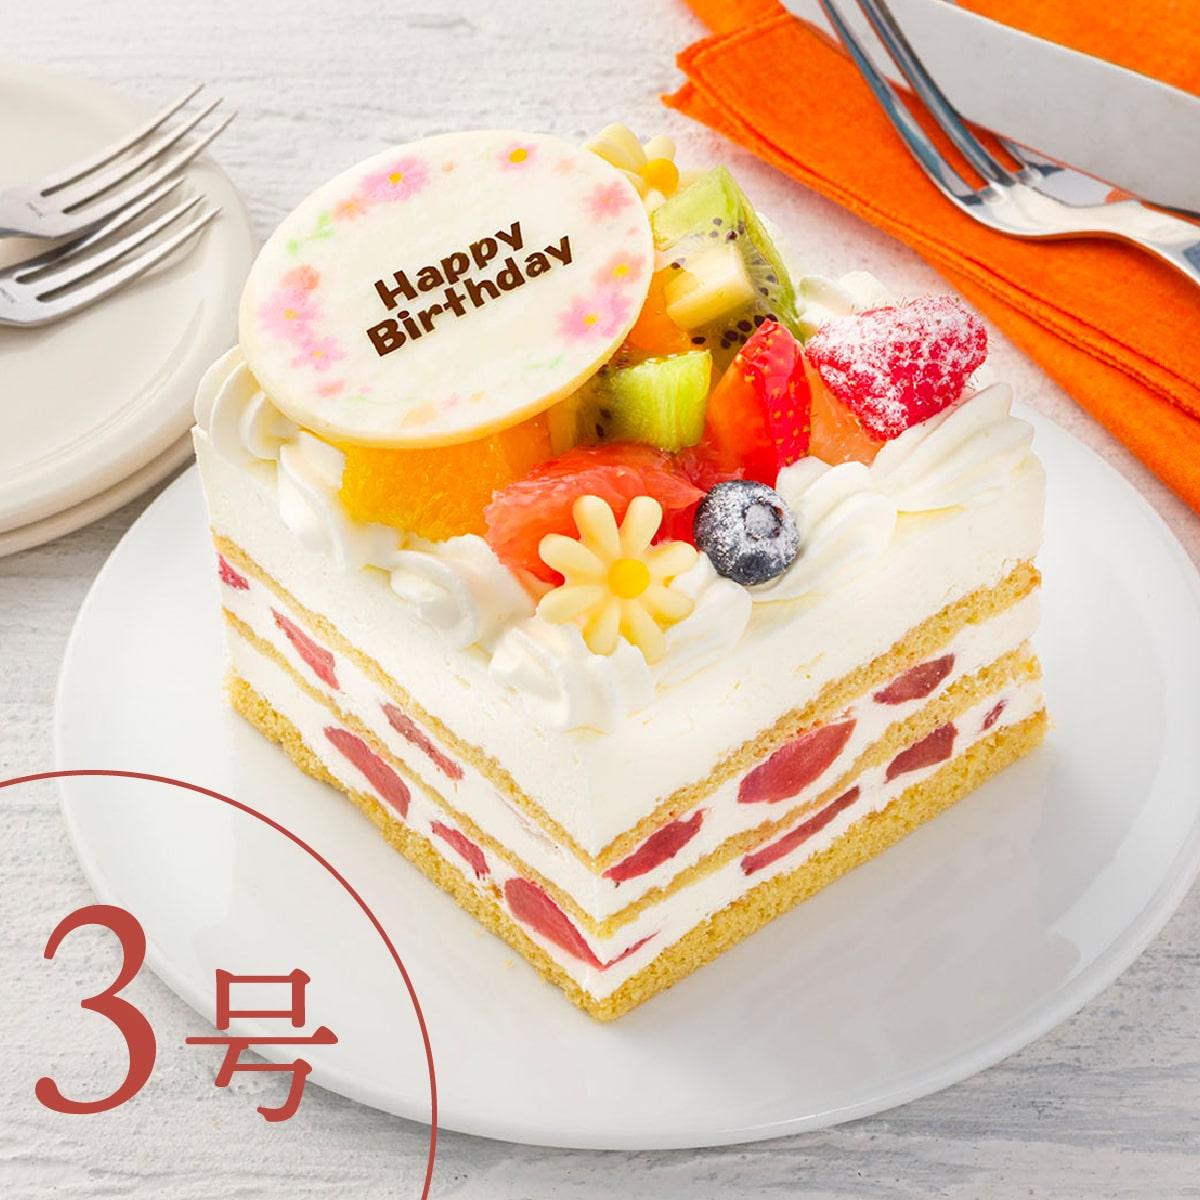 【3号】フルーツいっぱいショートケーキ|1人でも楽しめるショートケーキ【配送専用】